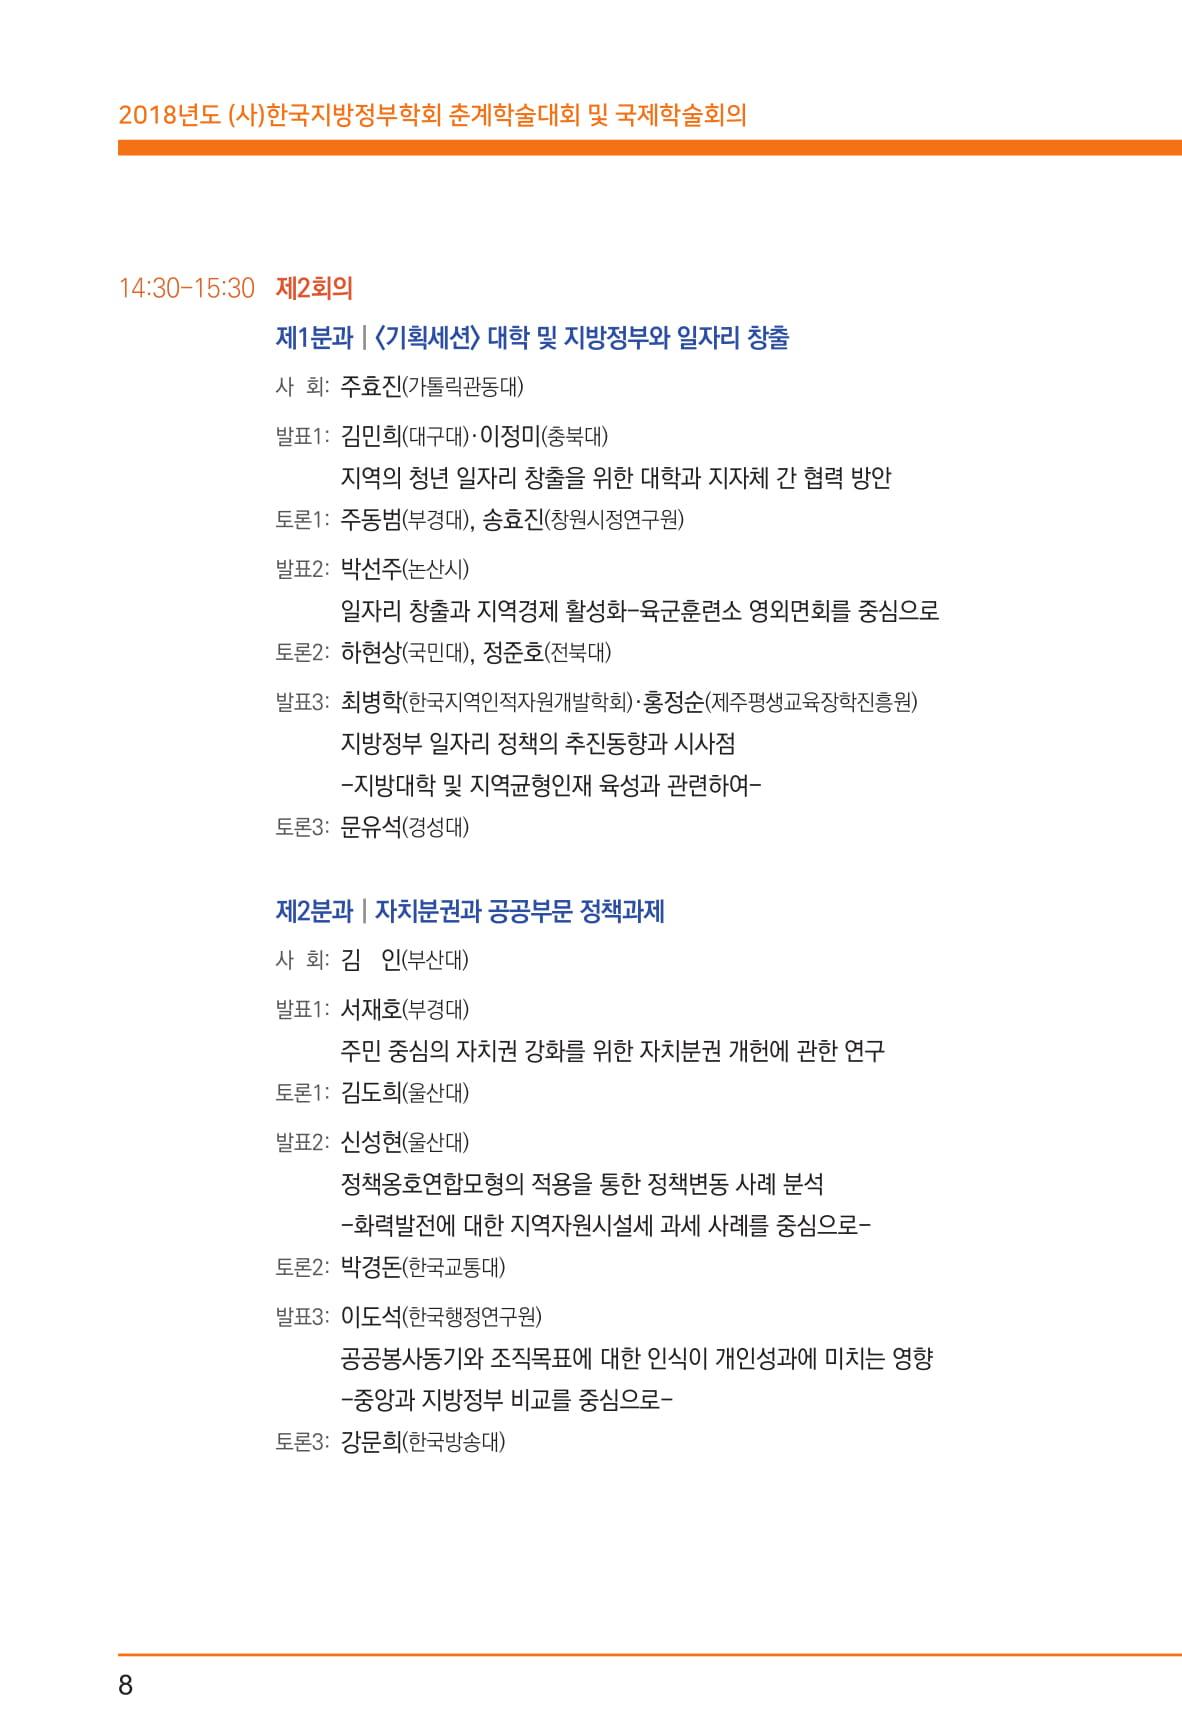 12_지방정부_춘계초청-08.jpg